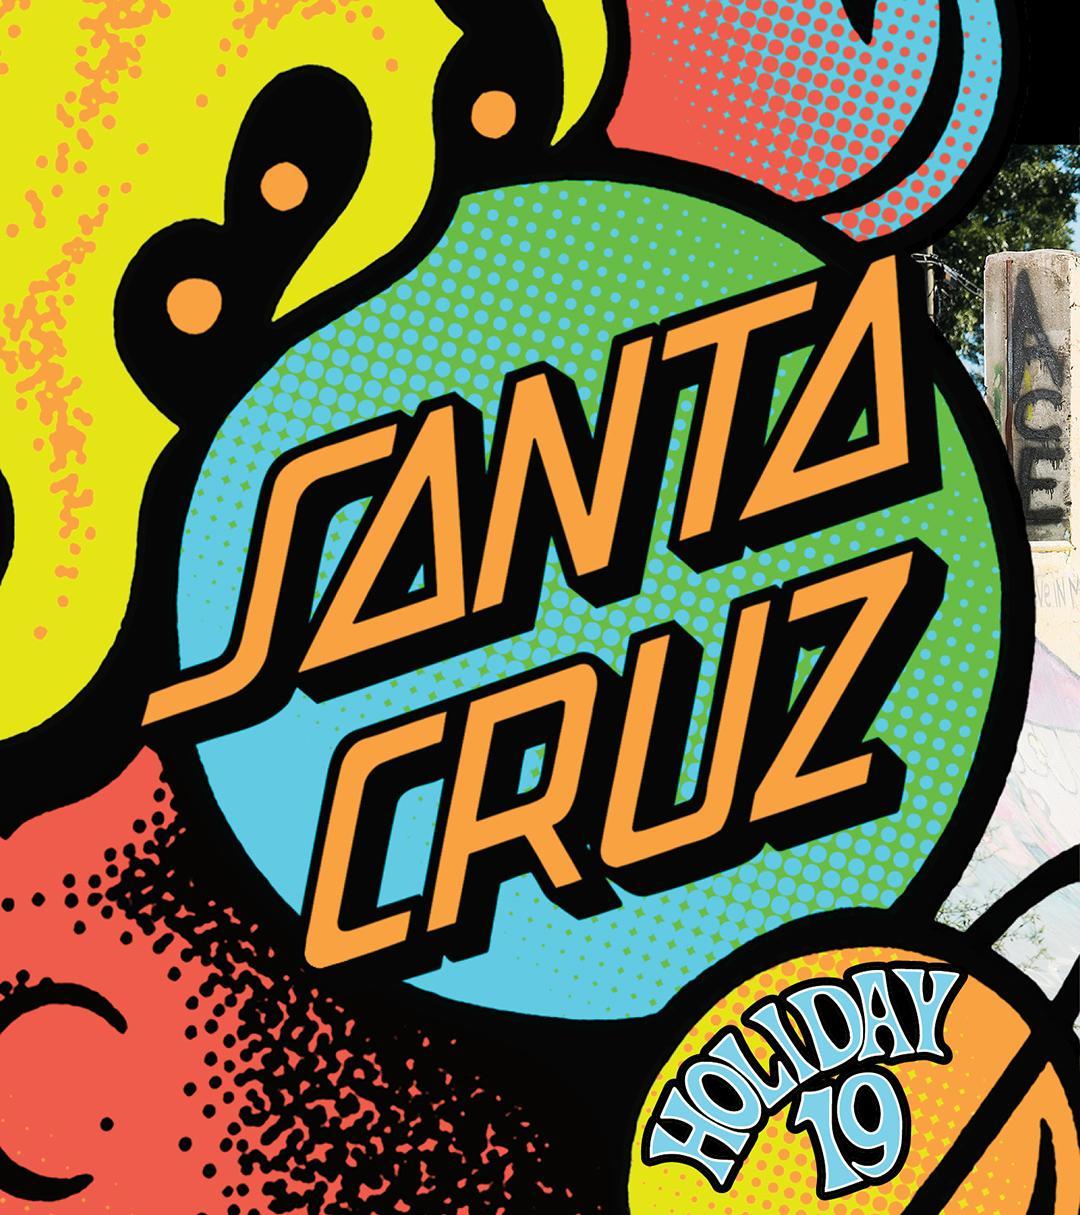 サンタ クルーズ 壁紙 壁紙 サンタ クルーズ 画像 あなたのための最高の壁紙画像